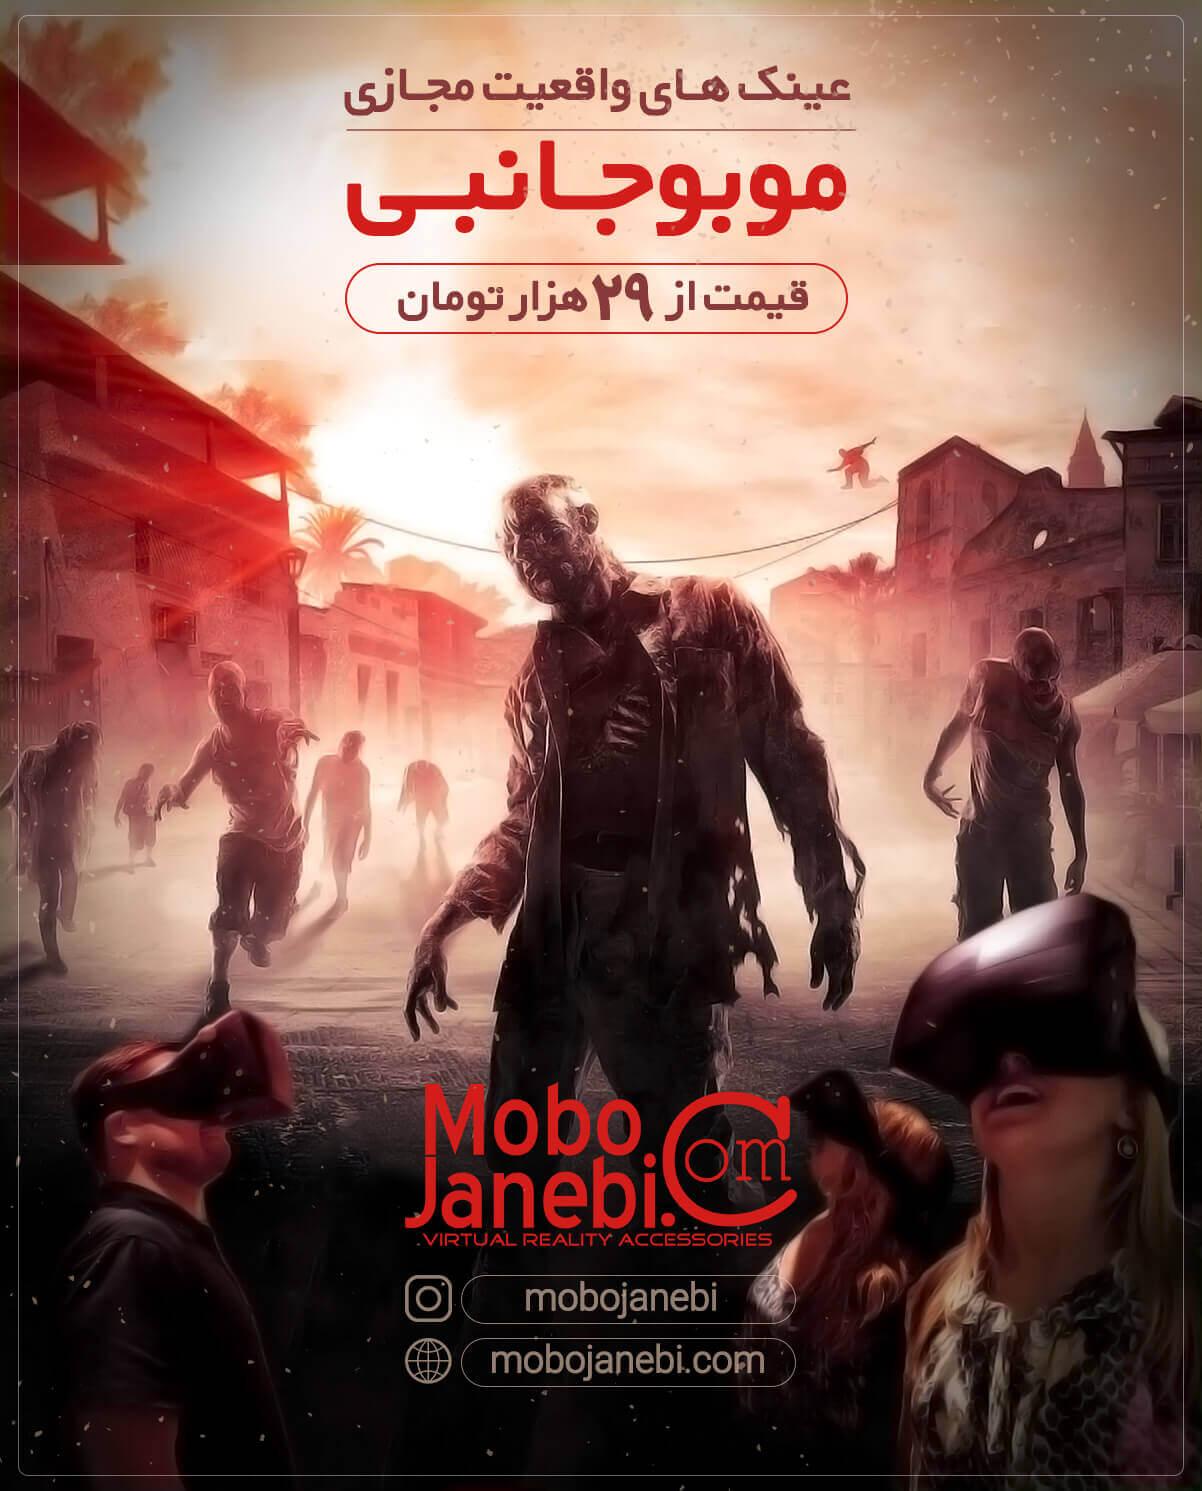 mobojanebi 2